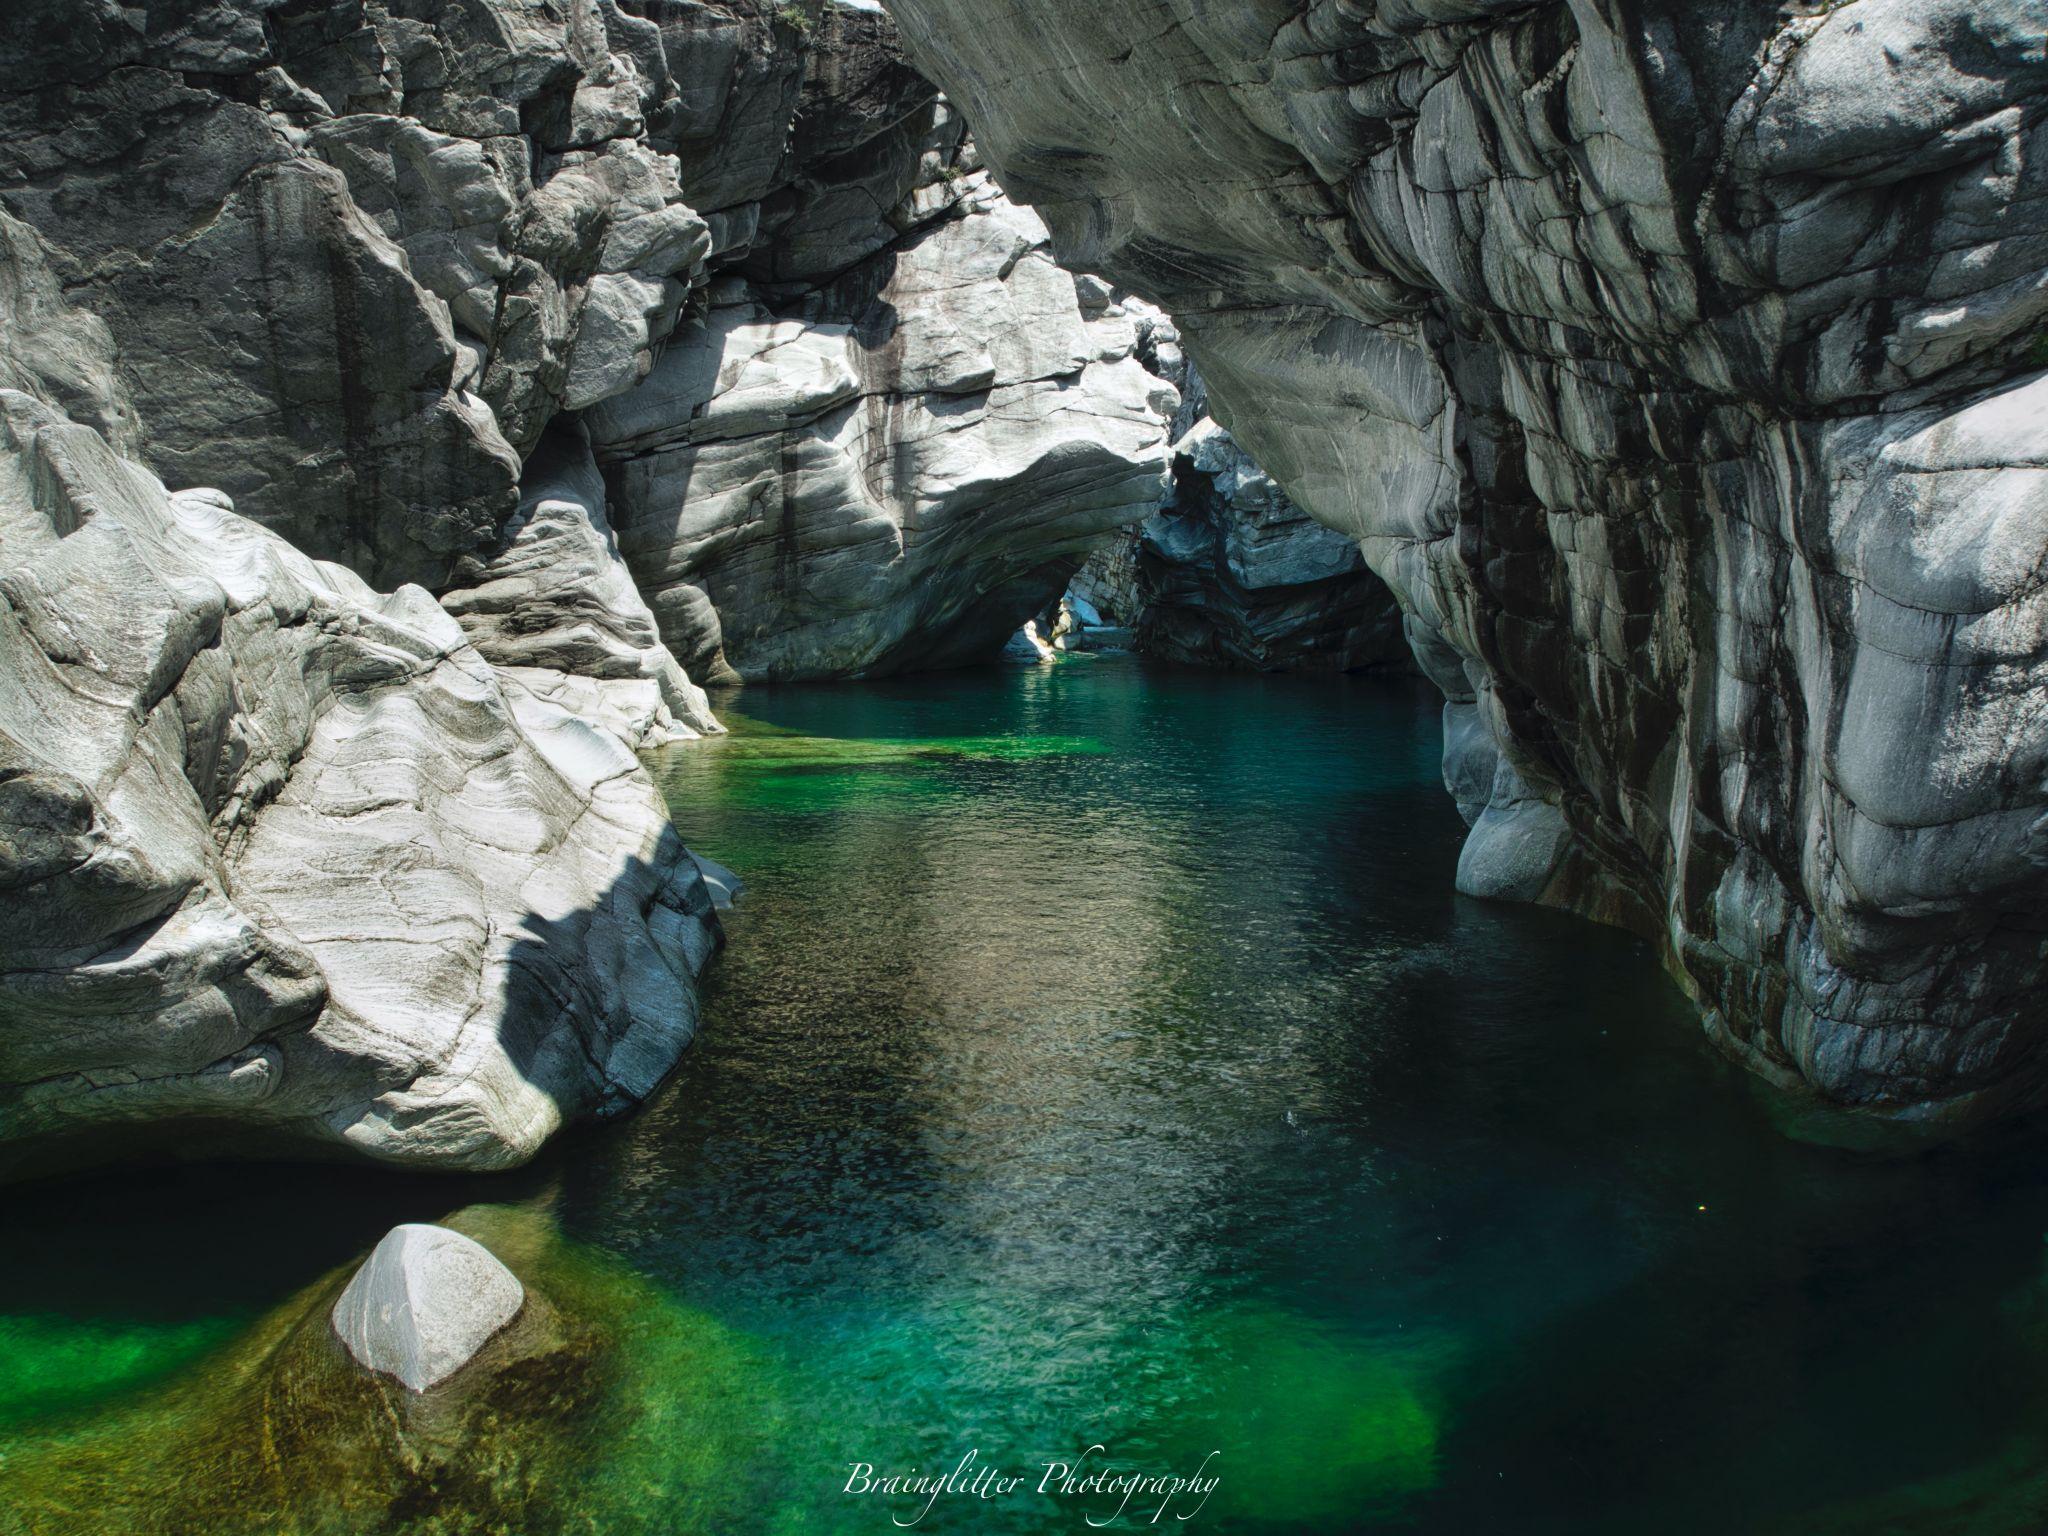 Maggia river near Locarno, Switzerland